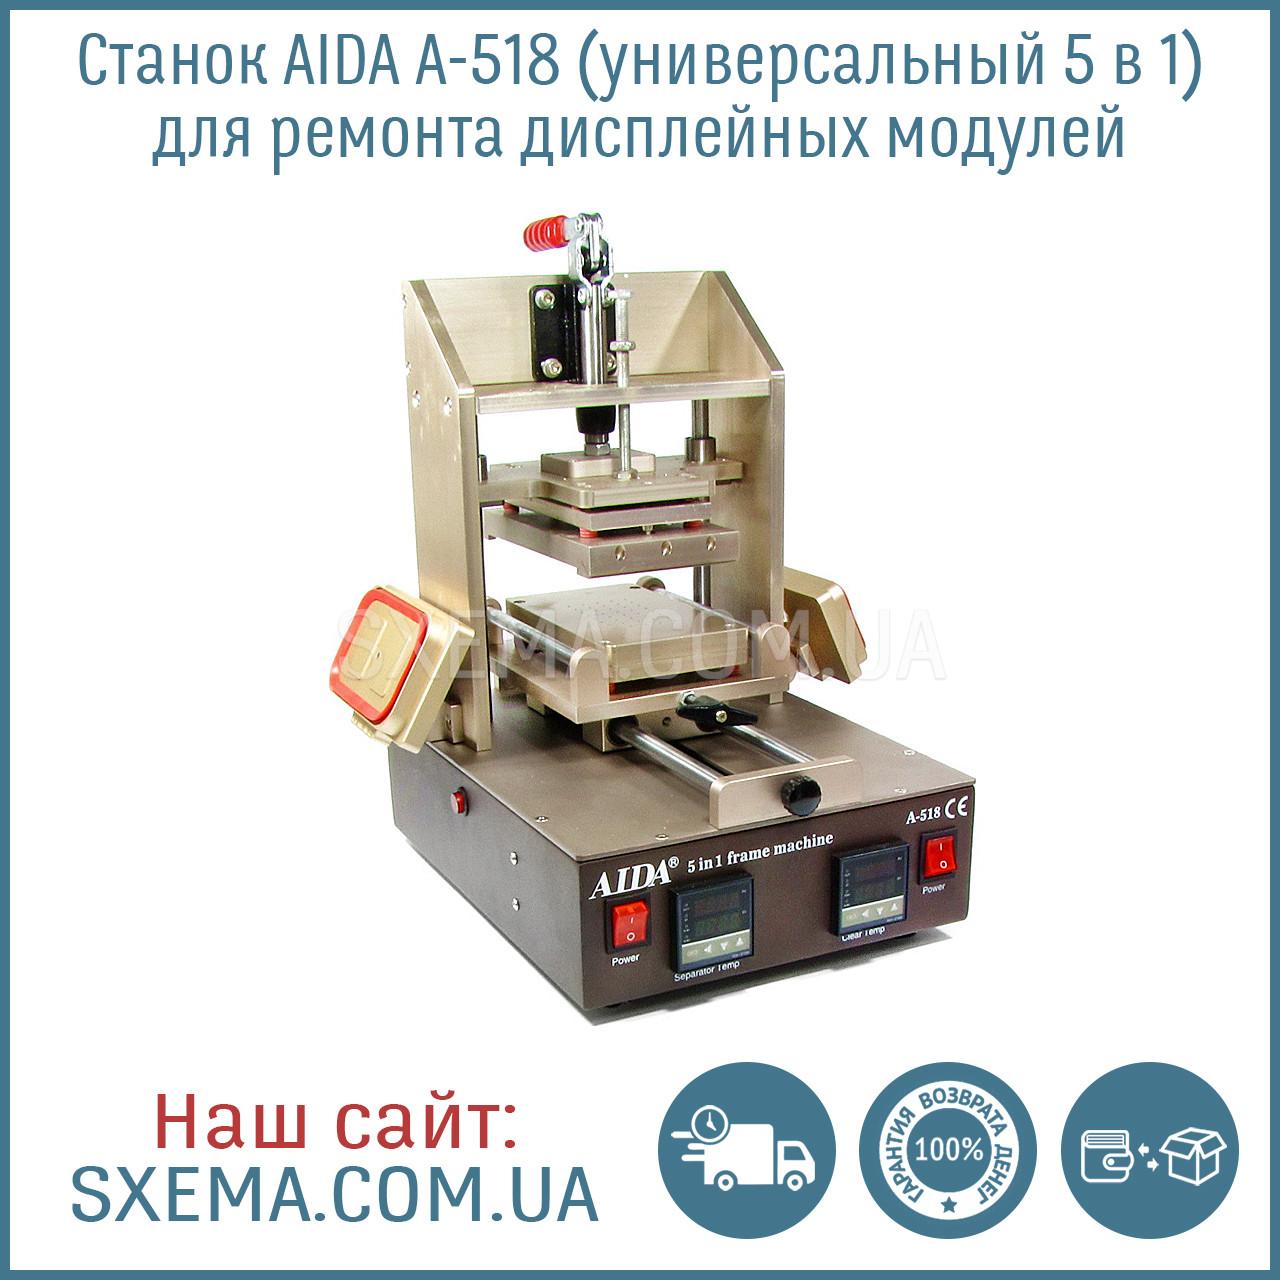 Станок AIDA A-518 (универсальный 5 в 1) для ремонта дисплейных модулей